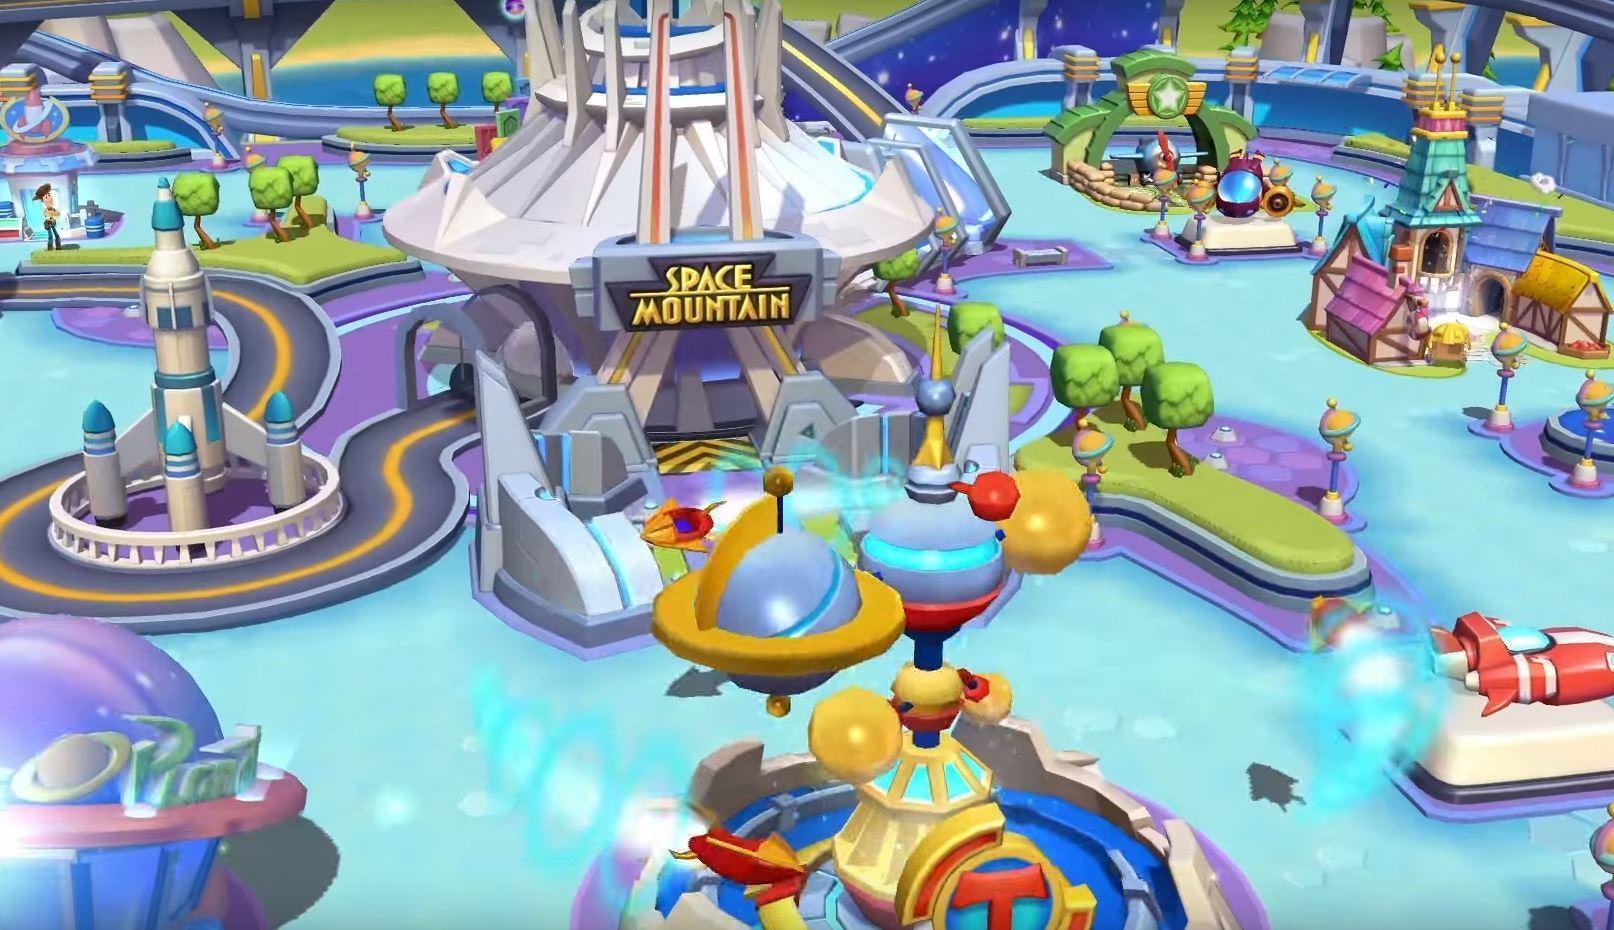 Les Meilleurs Jeux Pour Smartphones Et Tablettes Android tout Jeux Gratuits Pour Enfants De 3 Ans